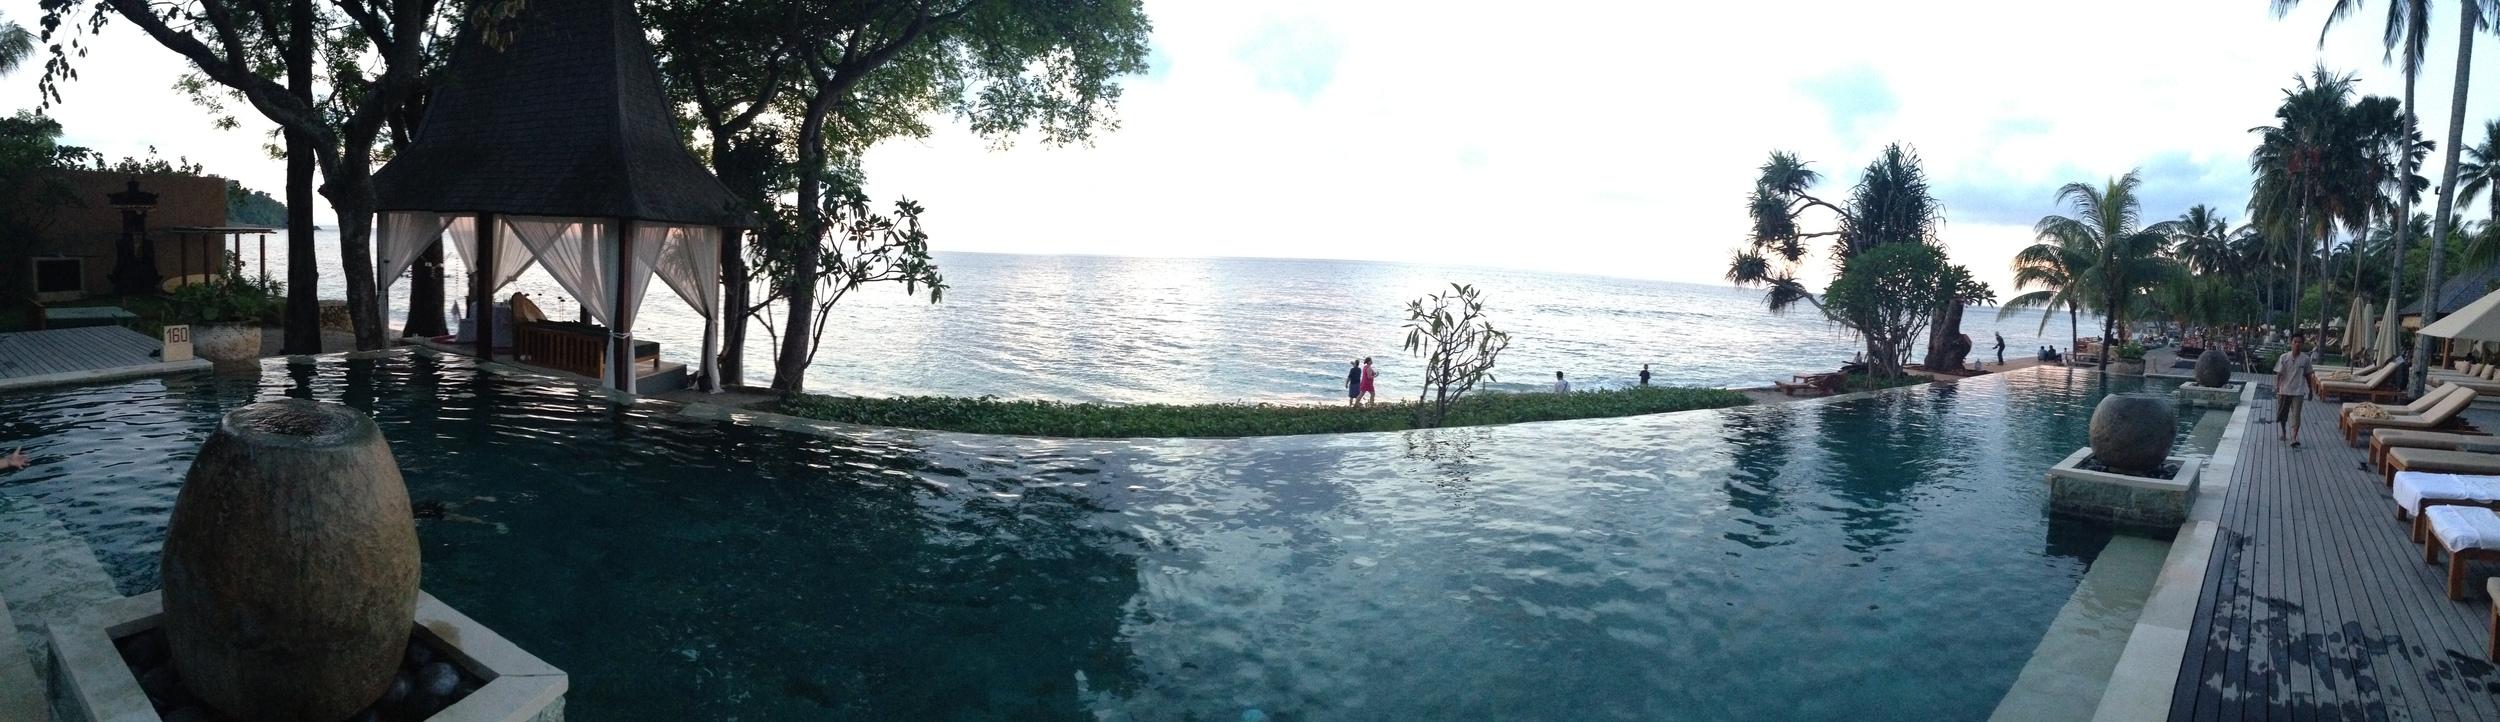 Enjoy paradise!